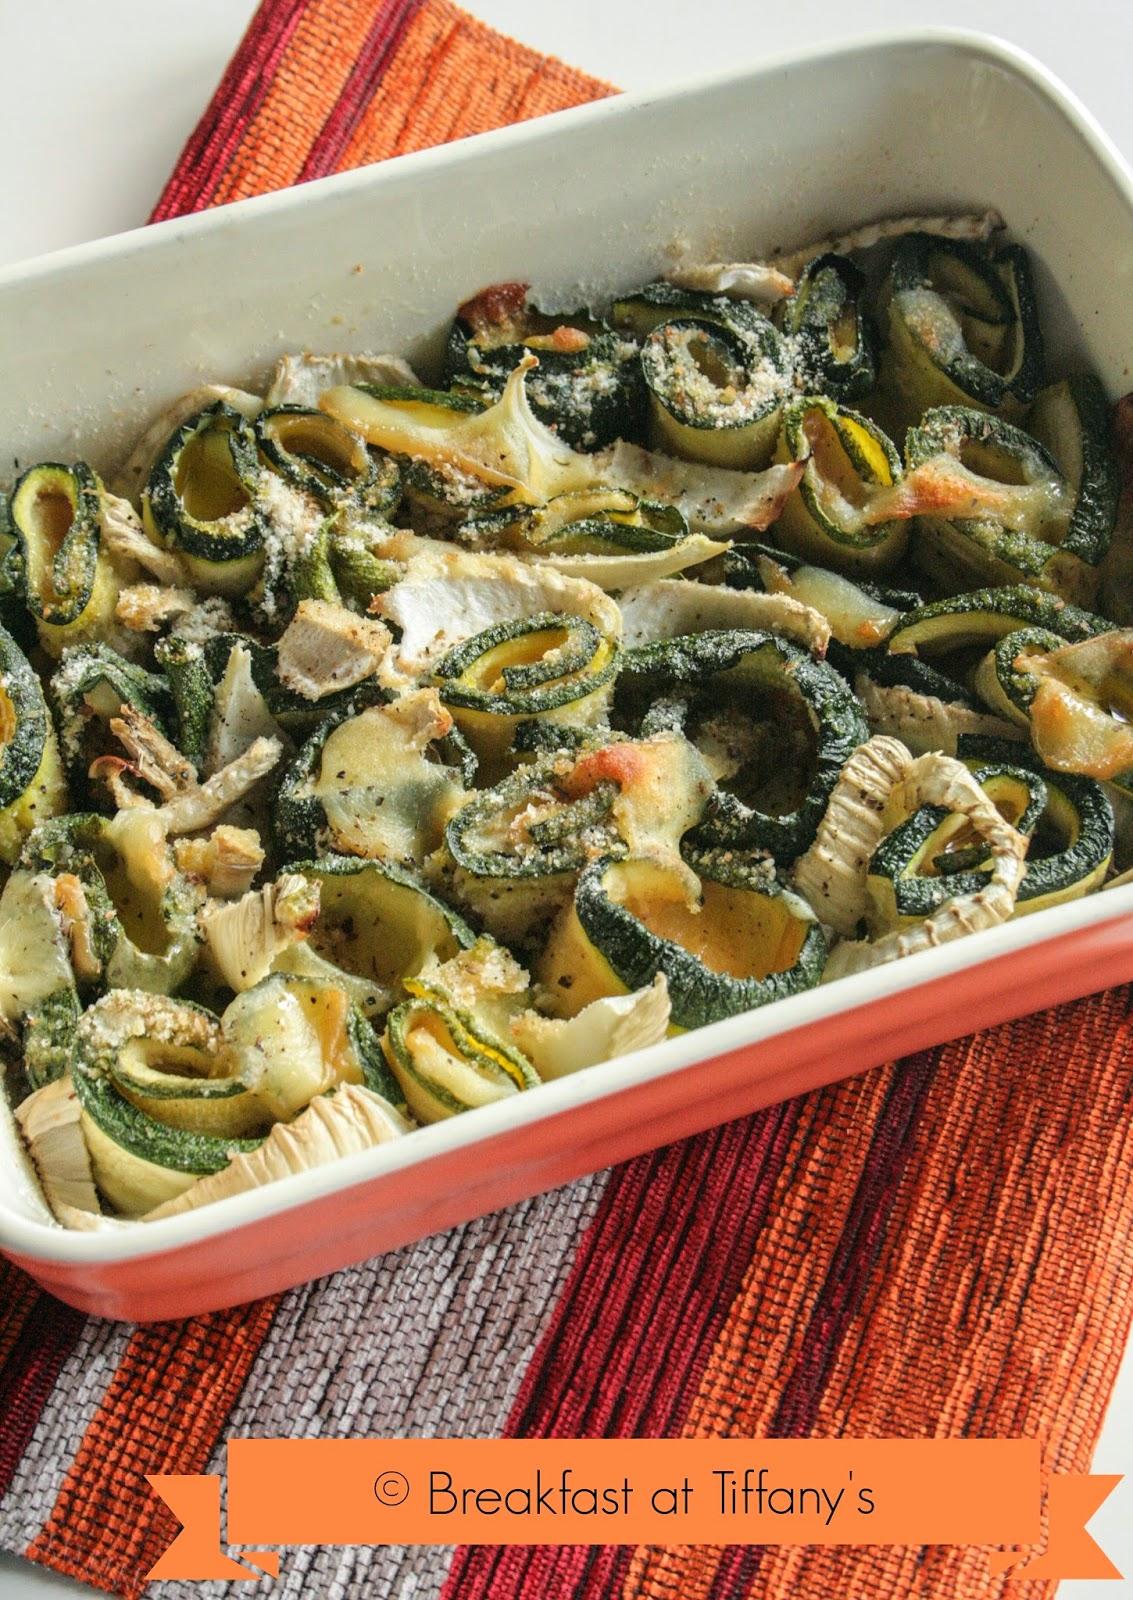 involtini di zucchine con scamorza e finocchio / baked zucchini rolls with scamorza and fennel